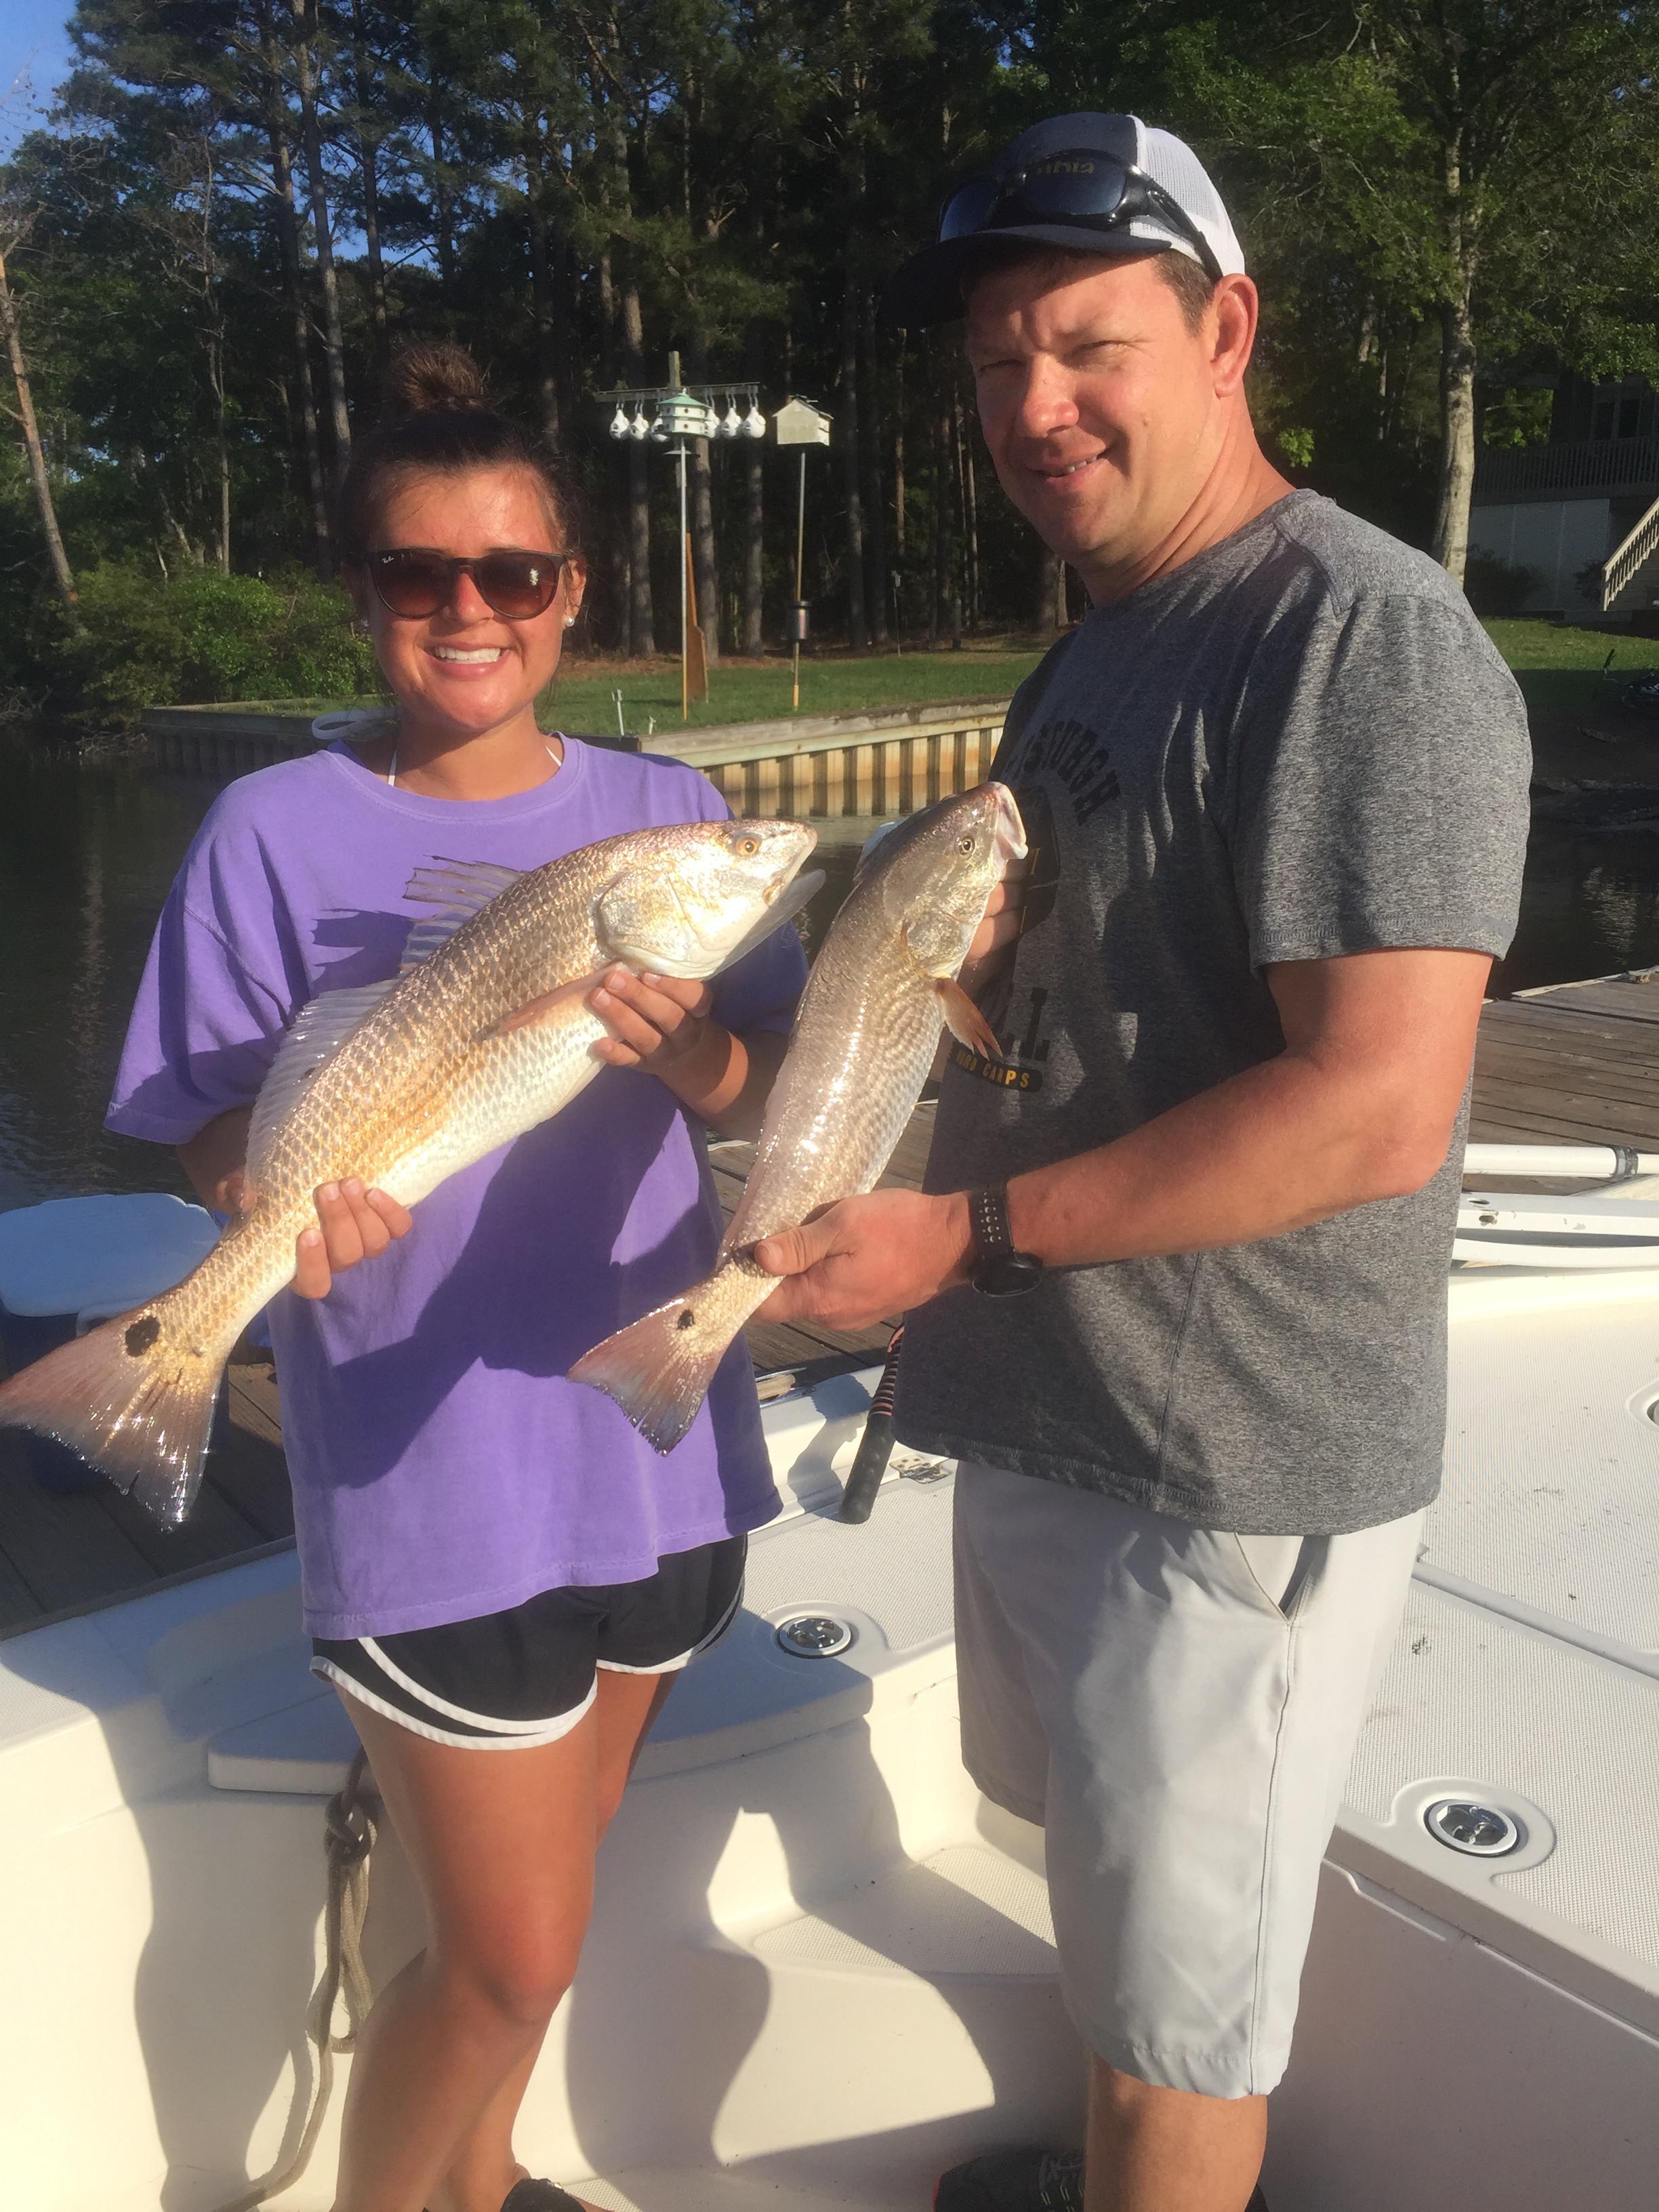 Reelin Pelican Fishing: 8 Hours Inshore 1-2 Passagers